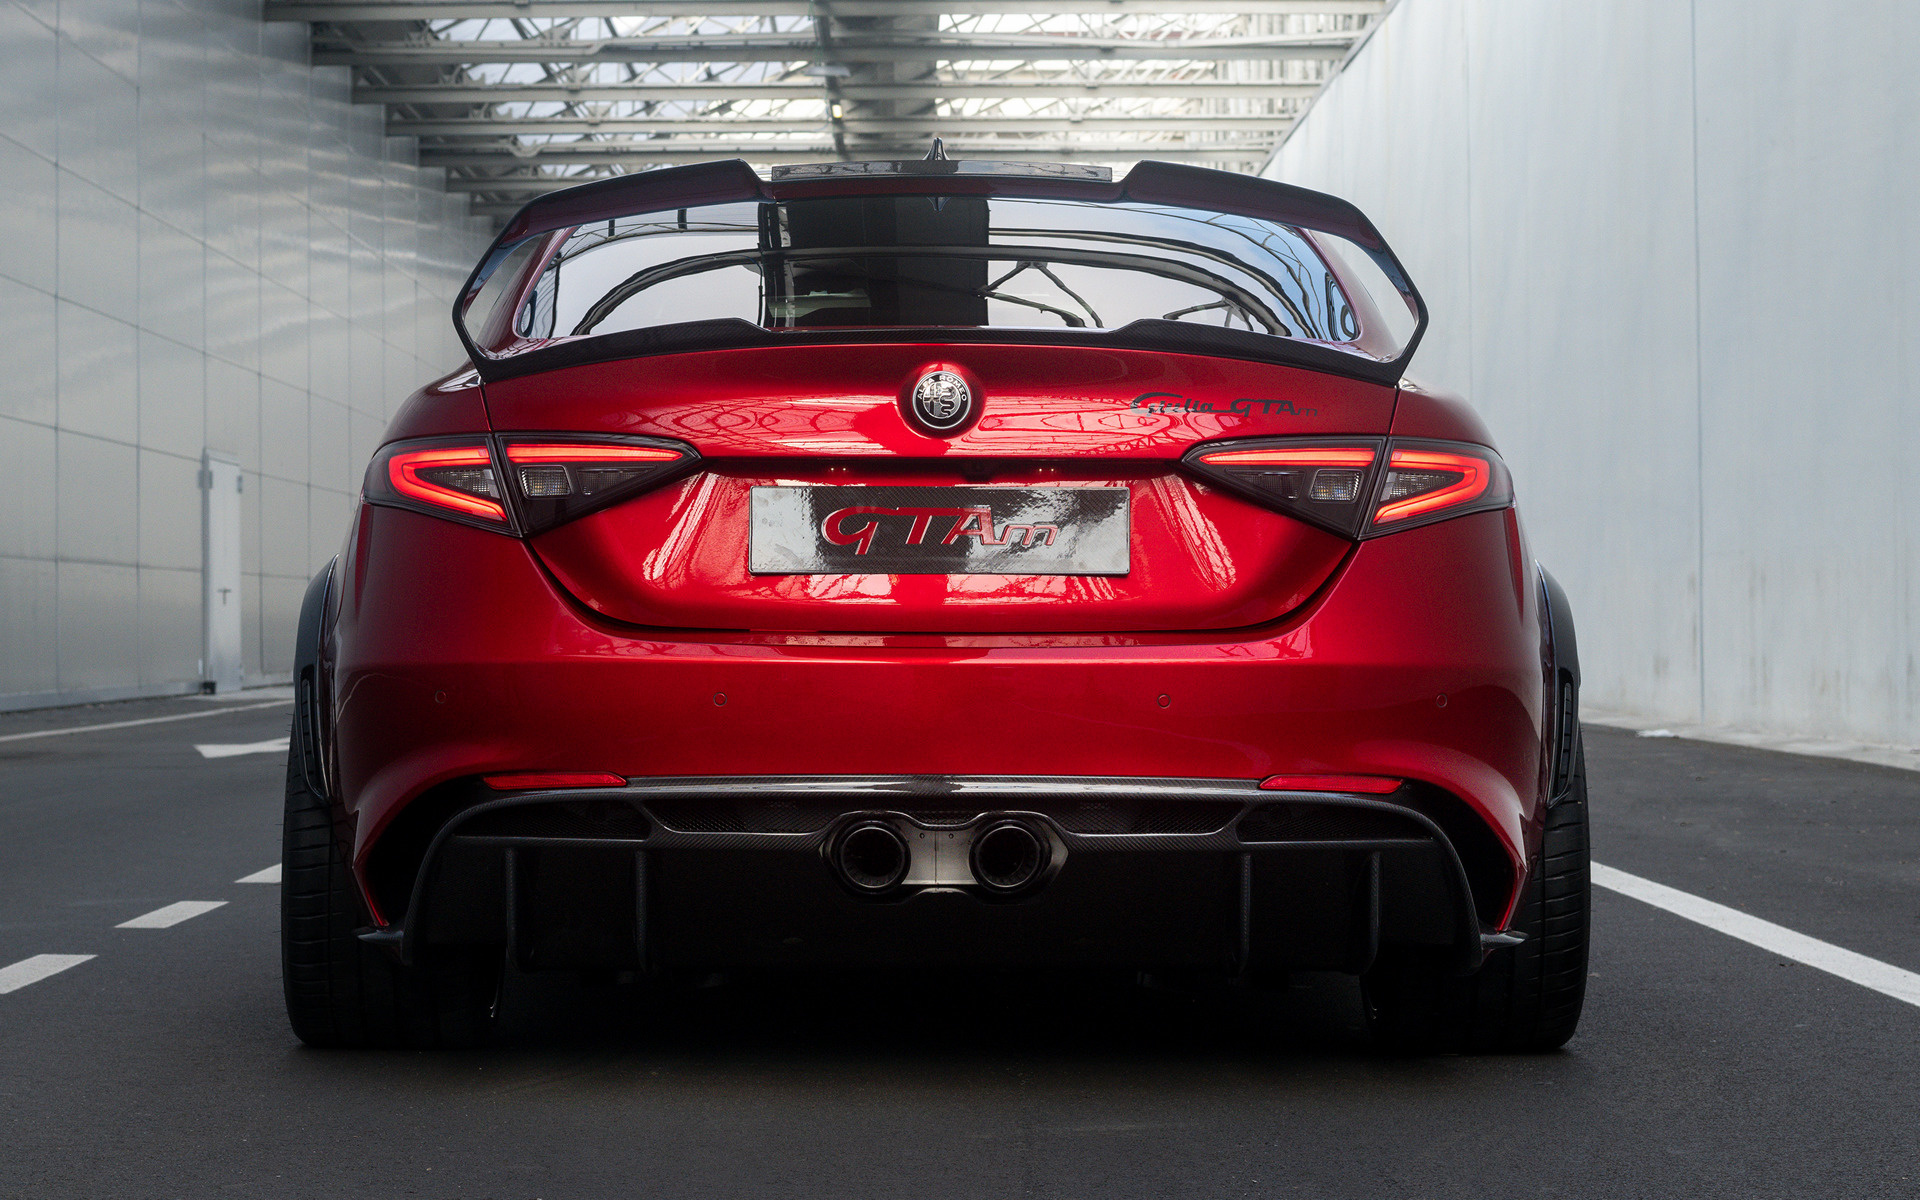 rmeo_2020 Alfa Romeo Giulia GTAm - Wallpapers and HD Images | Car Pixel